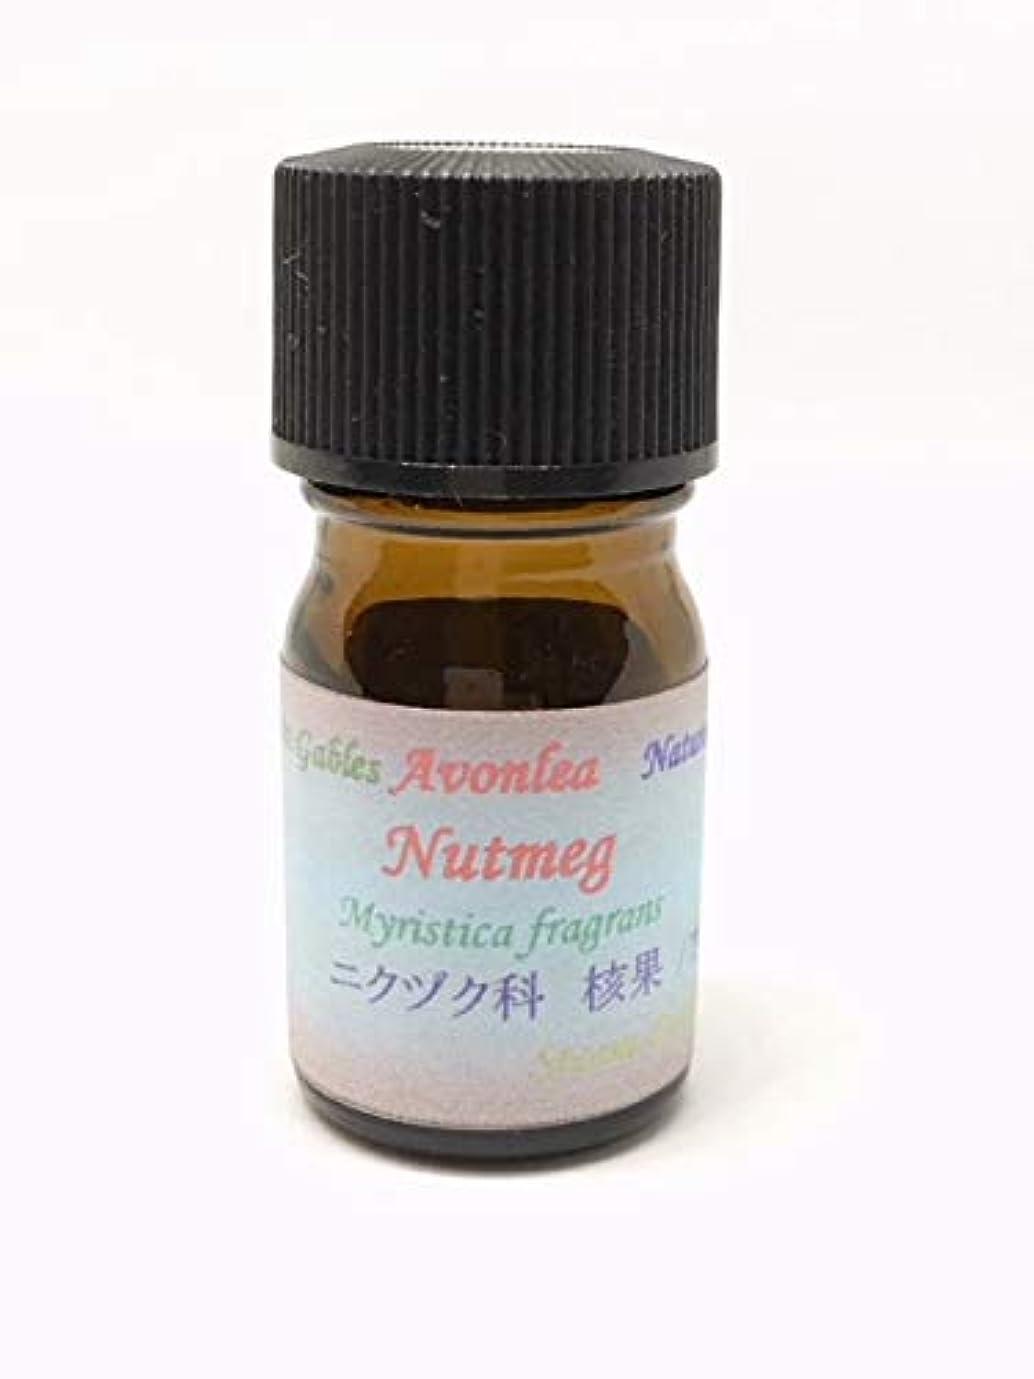 データ欠如必需品ナツメグ 100% ピュア エッセンシャルオイル 高級精油 15ml Nutmeg